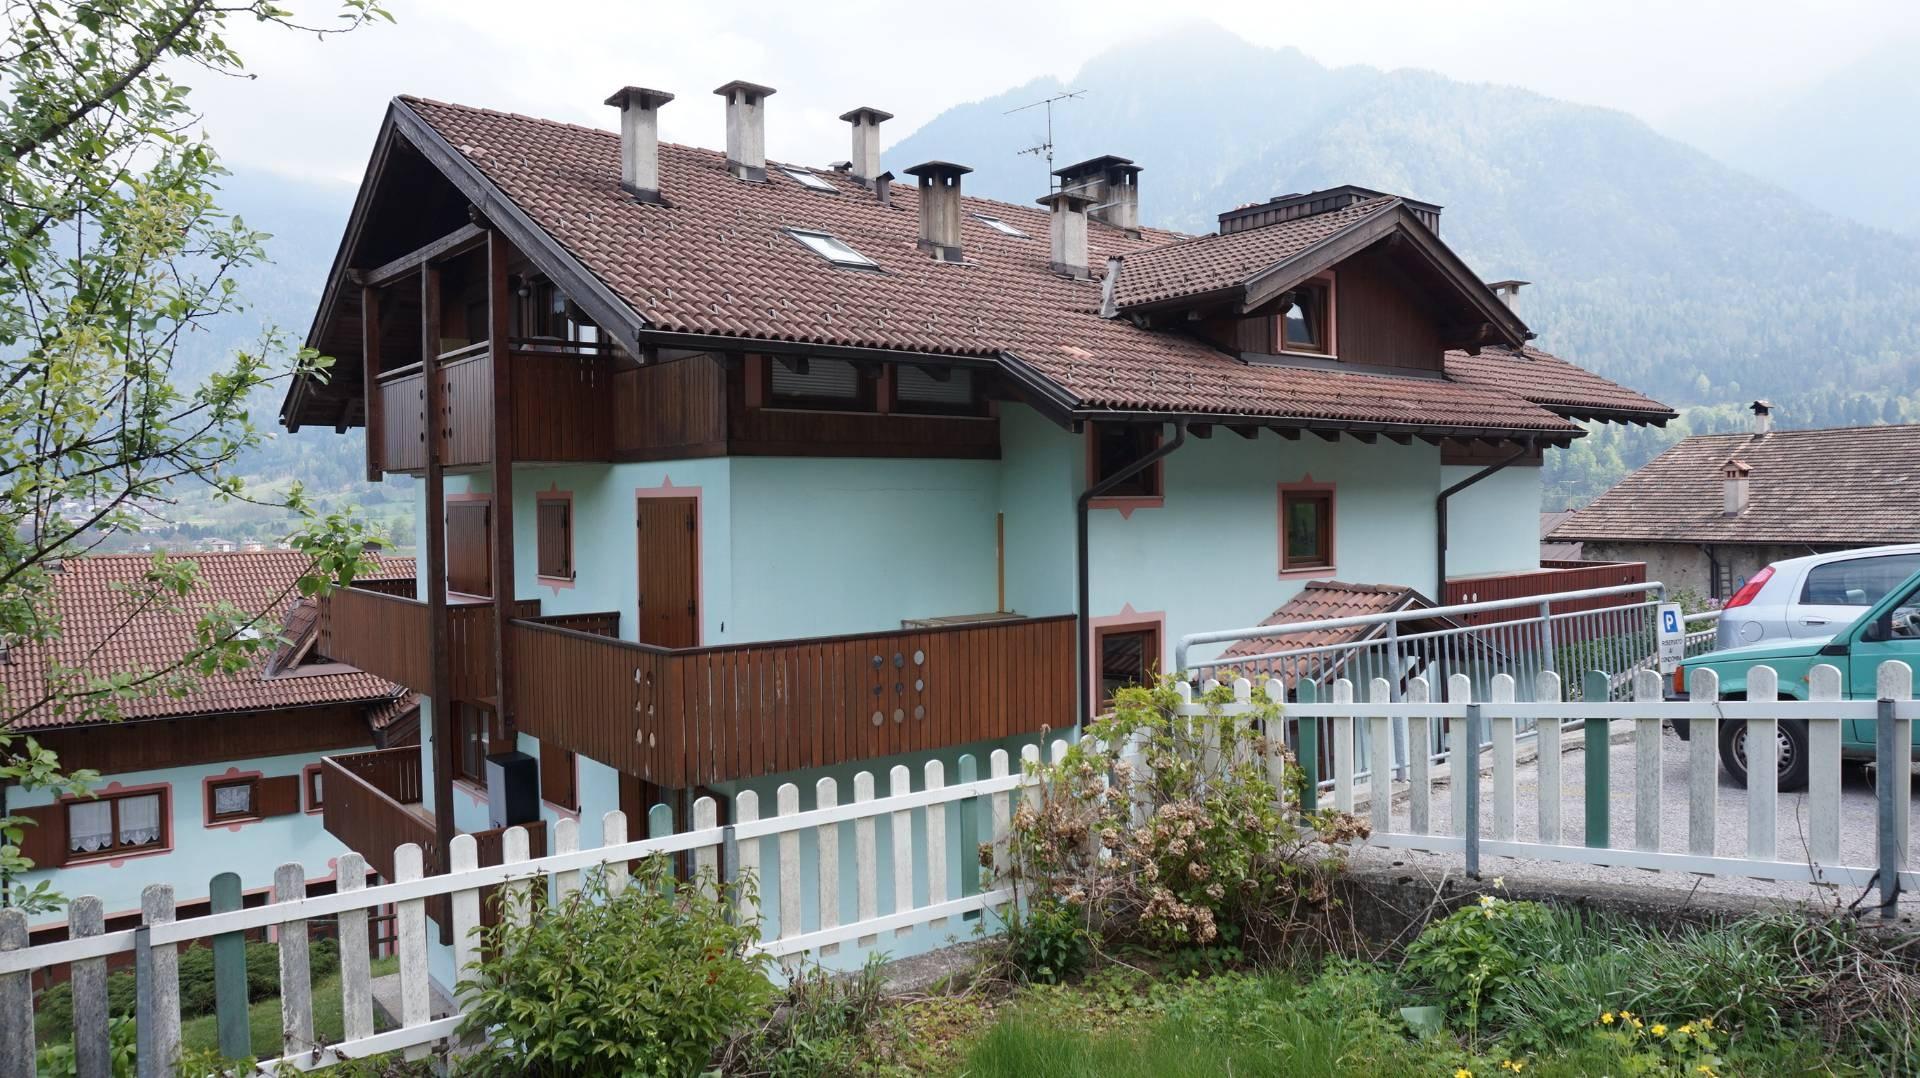 Appartamento in affitto a Tione di Trento, 2 locali, prezzo € 380 | CambioCasa.it